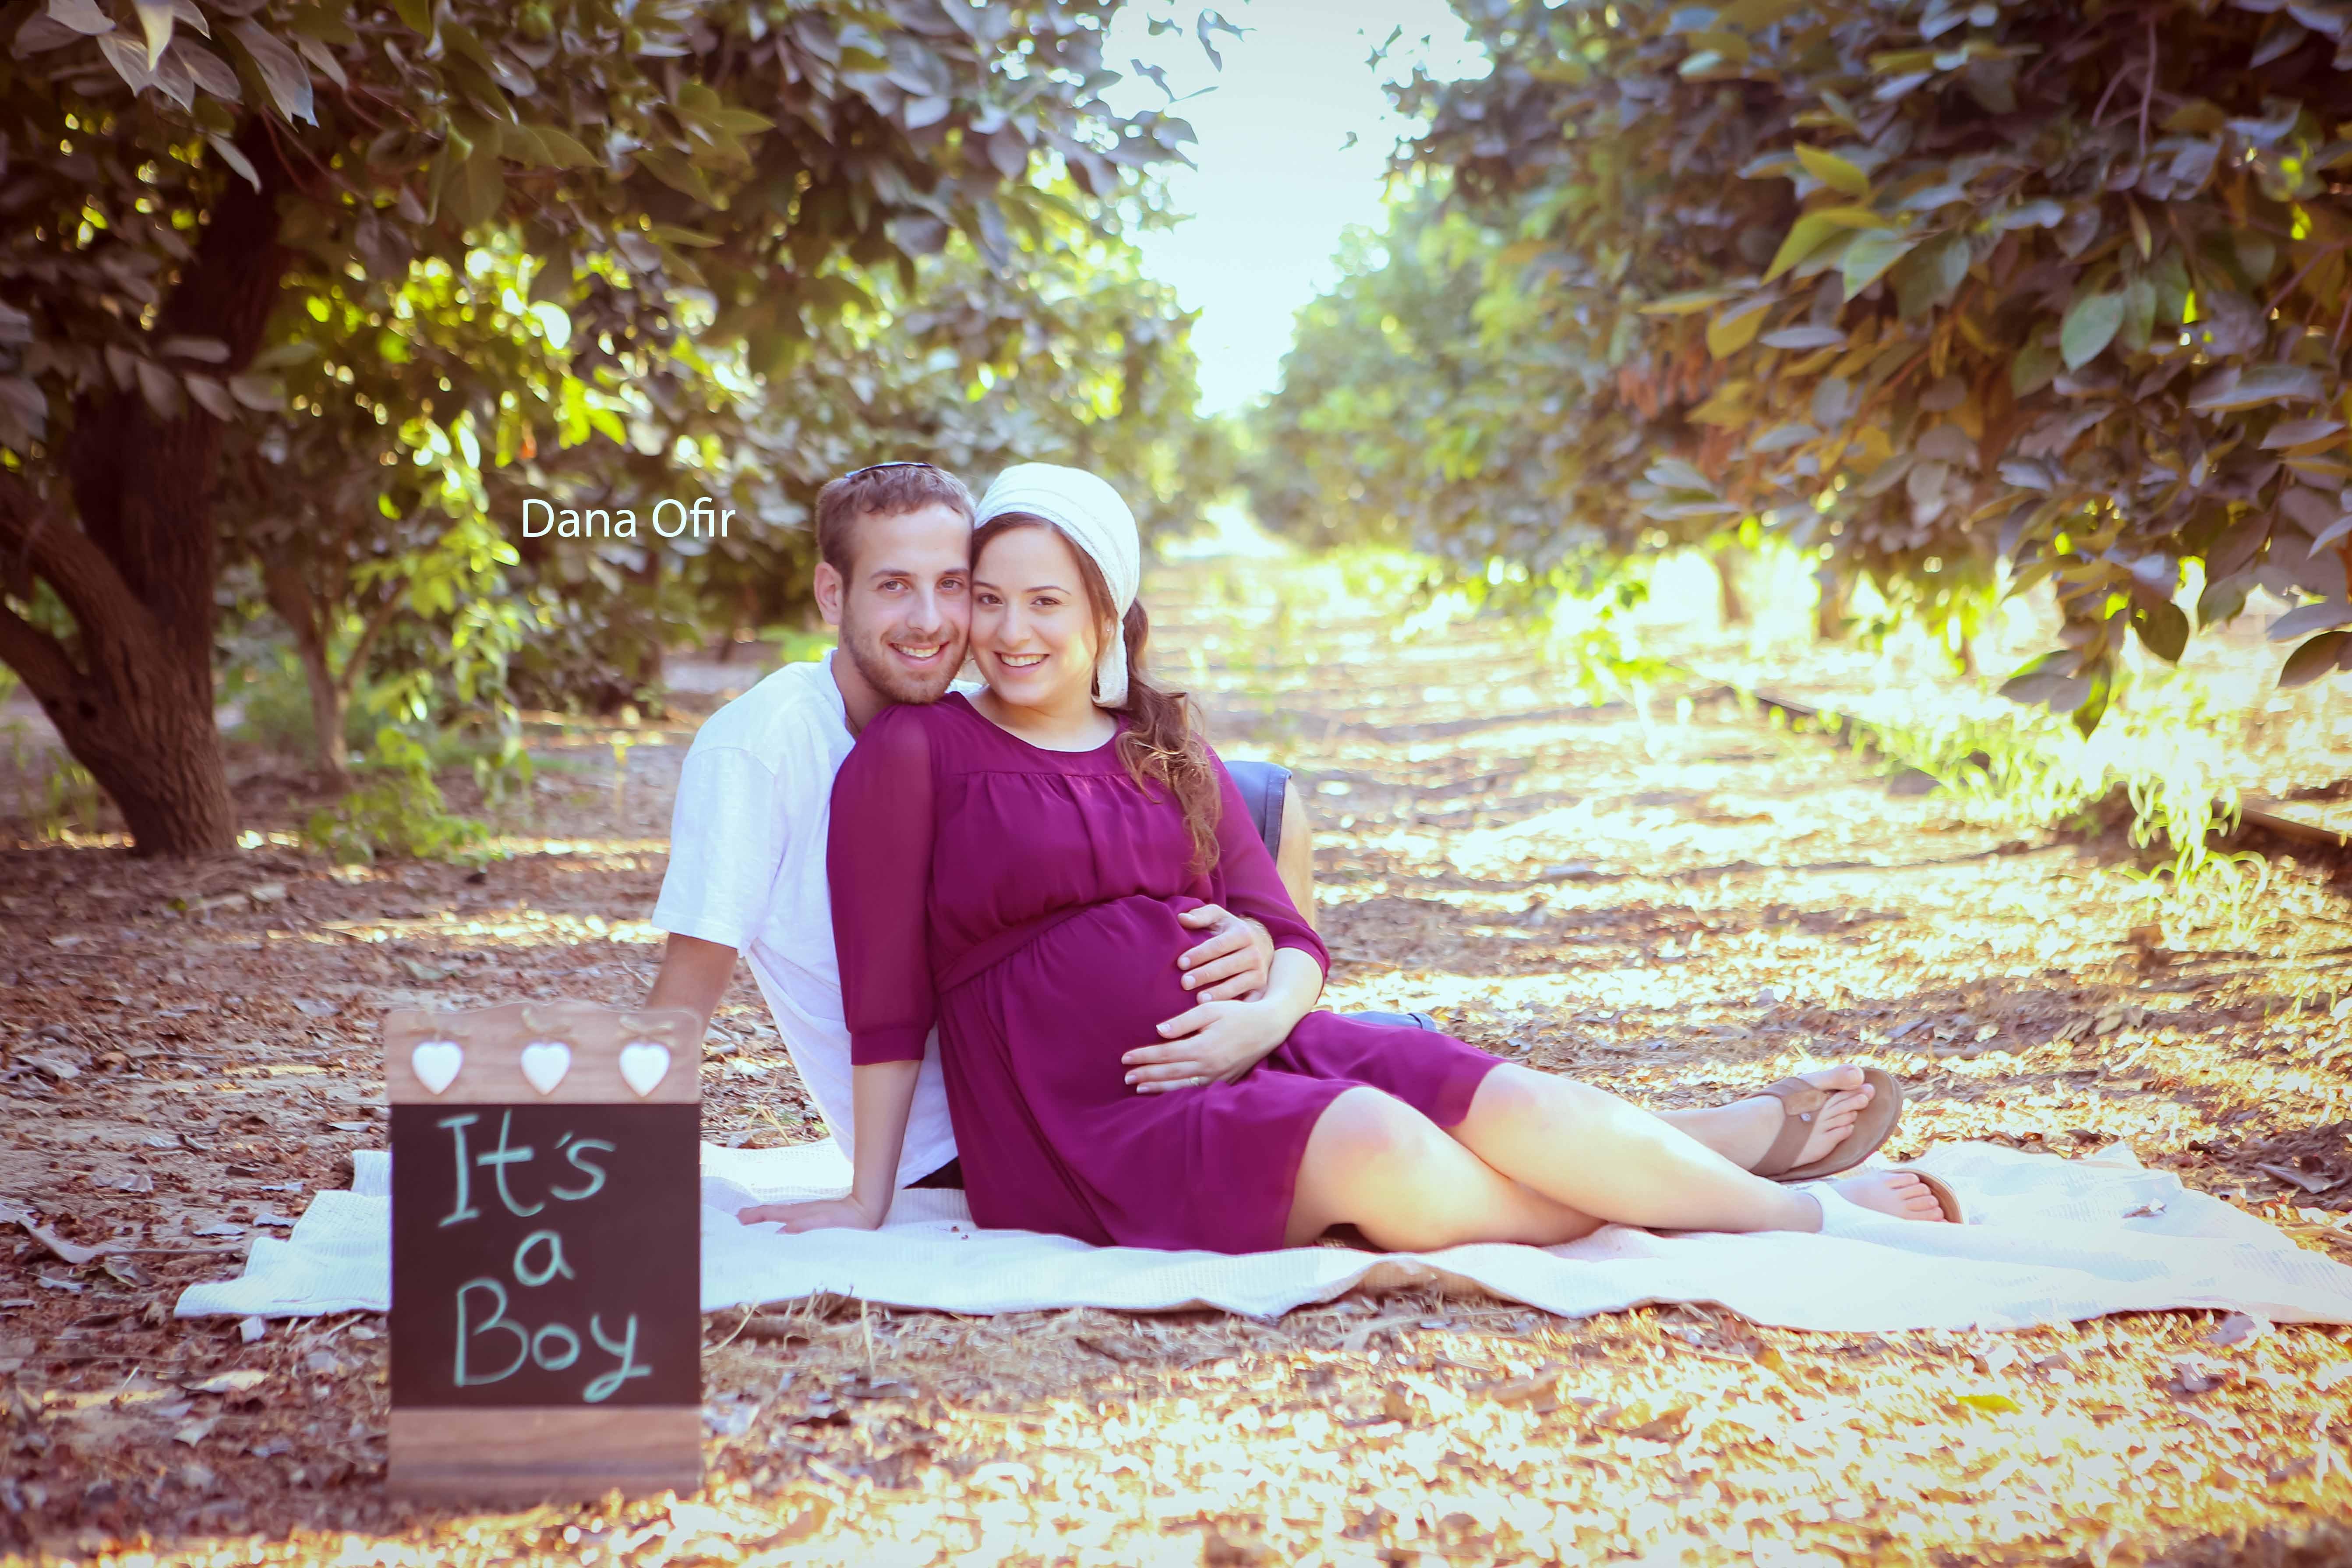 צילום הריון בטבע - איך לבחור צילומי הריון בטבע